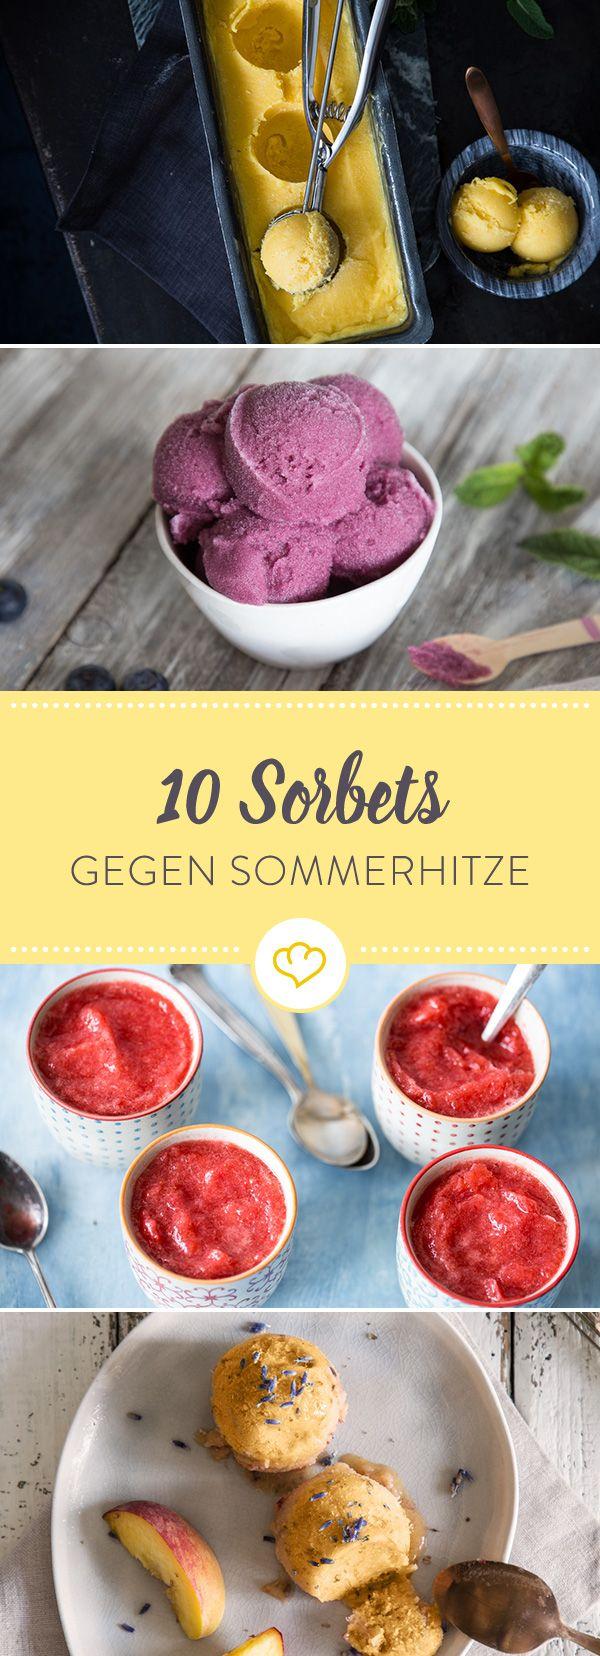 In Knallorange, Sonnengelb und Blueberry-Blau - diese 10 Sorbets verbreiten nichts als gute Laune und eiskalte Erfrischung.